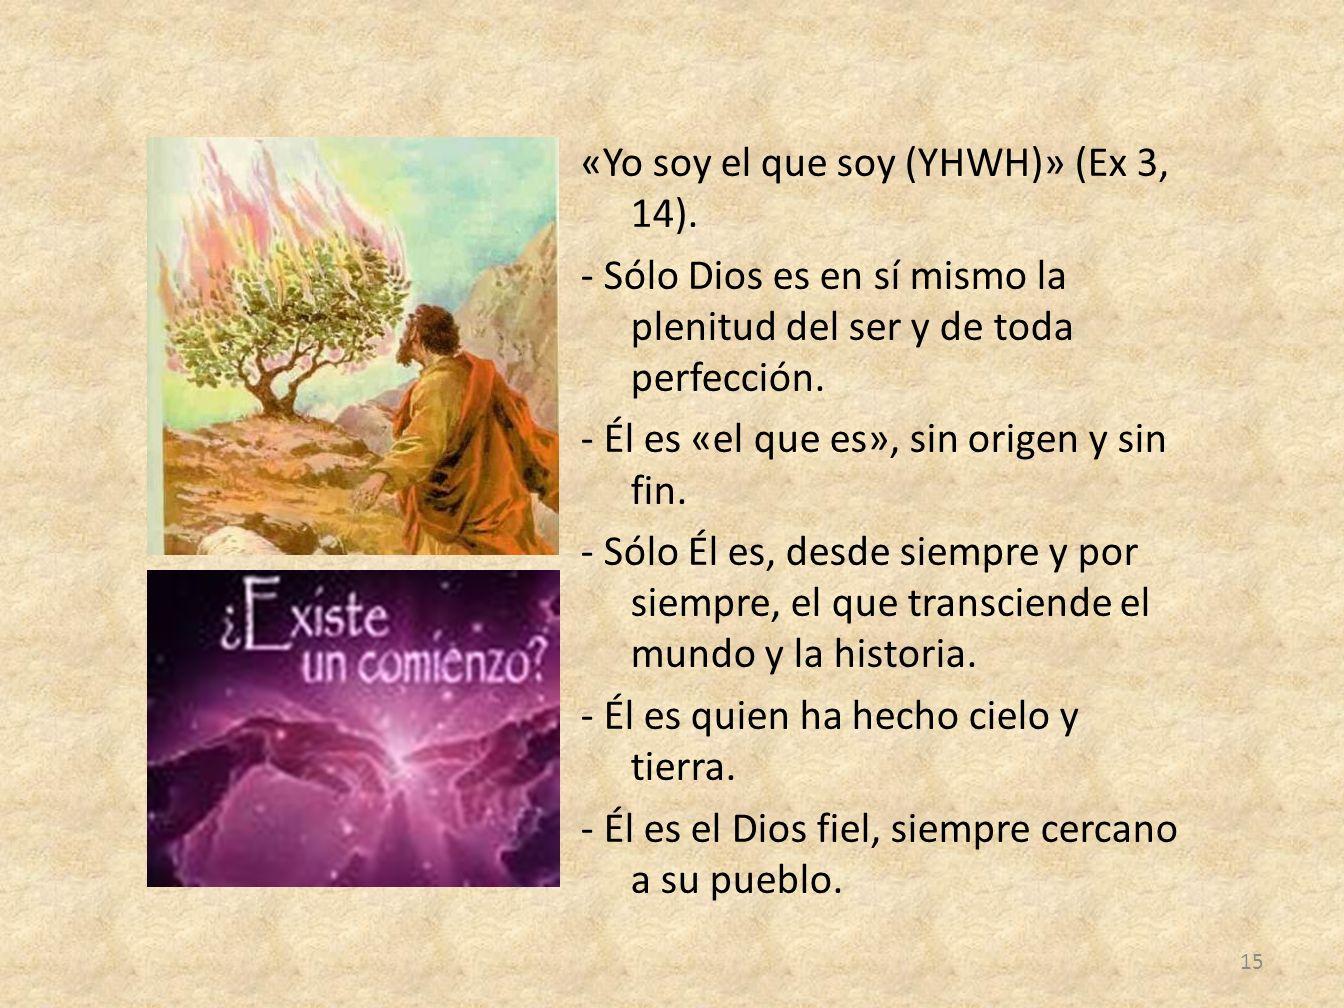 «Yo soy el que soy (YHWH)» (Ex 3, 14)